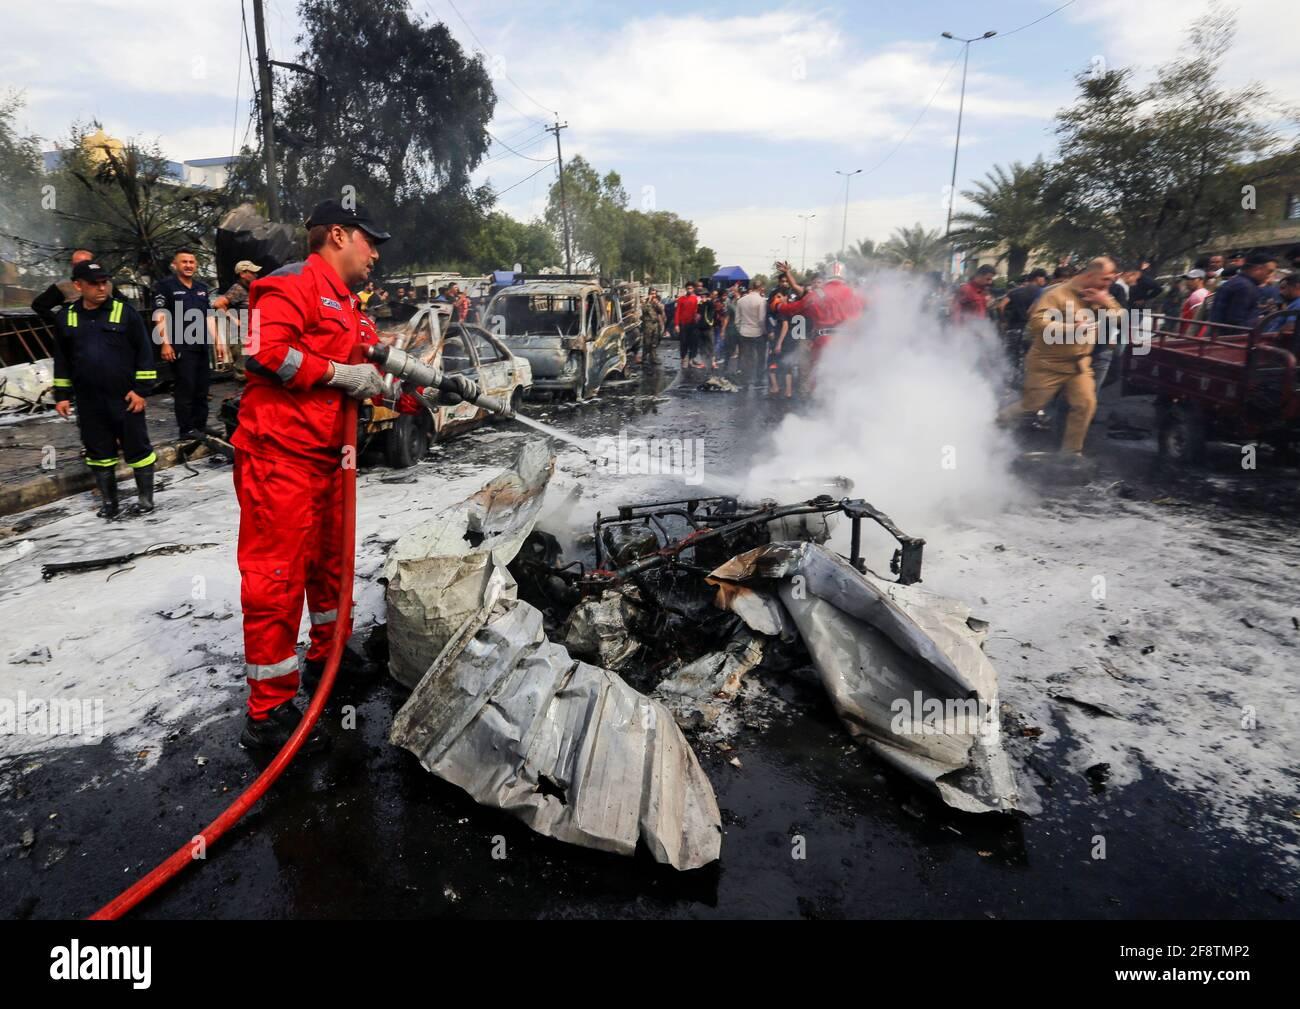 Un bombero inspecciona el lugar de un atentado con coche bomba en el distrito de la ciudad de Sadr en Bagdad, Irak, 15 de abril de 2021. REUTERS/Wissam al-Okili Foto de stock